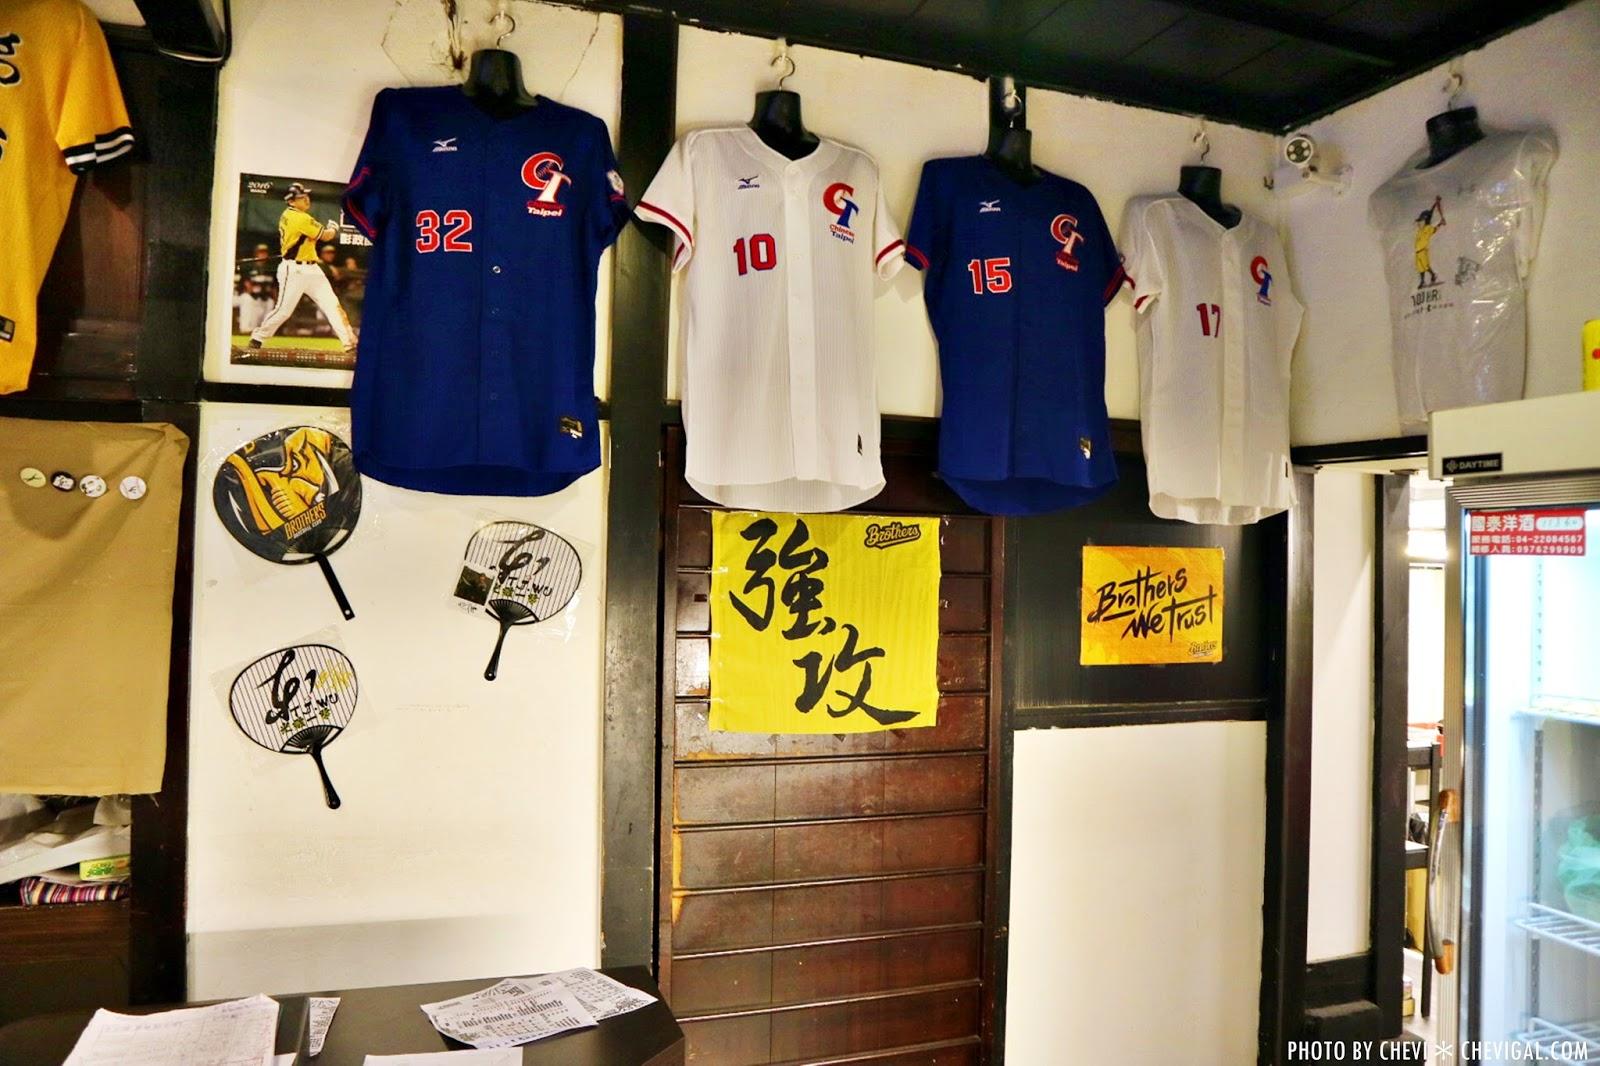 image502 - 熱血採訪│大和17。日式建築的運動主題餐館。自在氣氛包場好地方。臺虎精釀也能喝得到